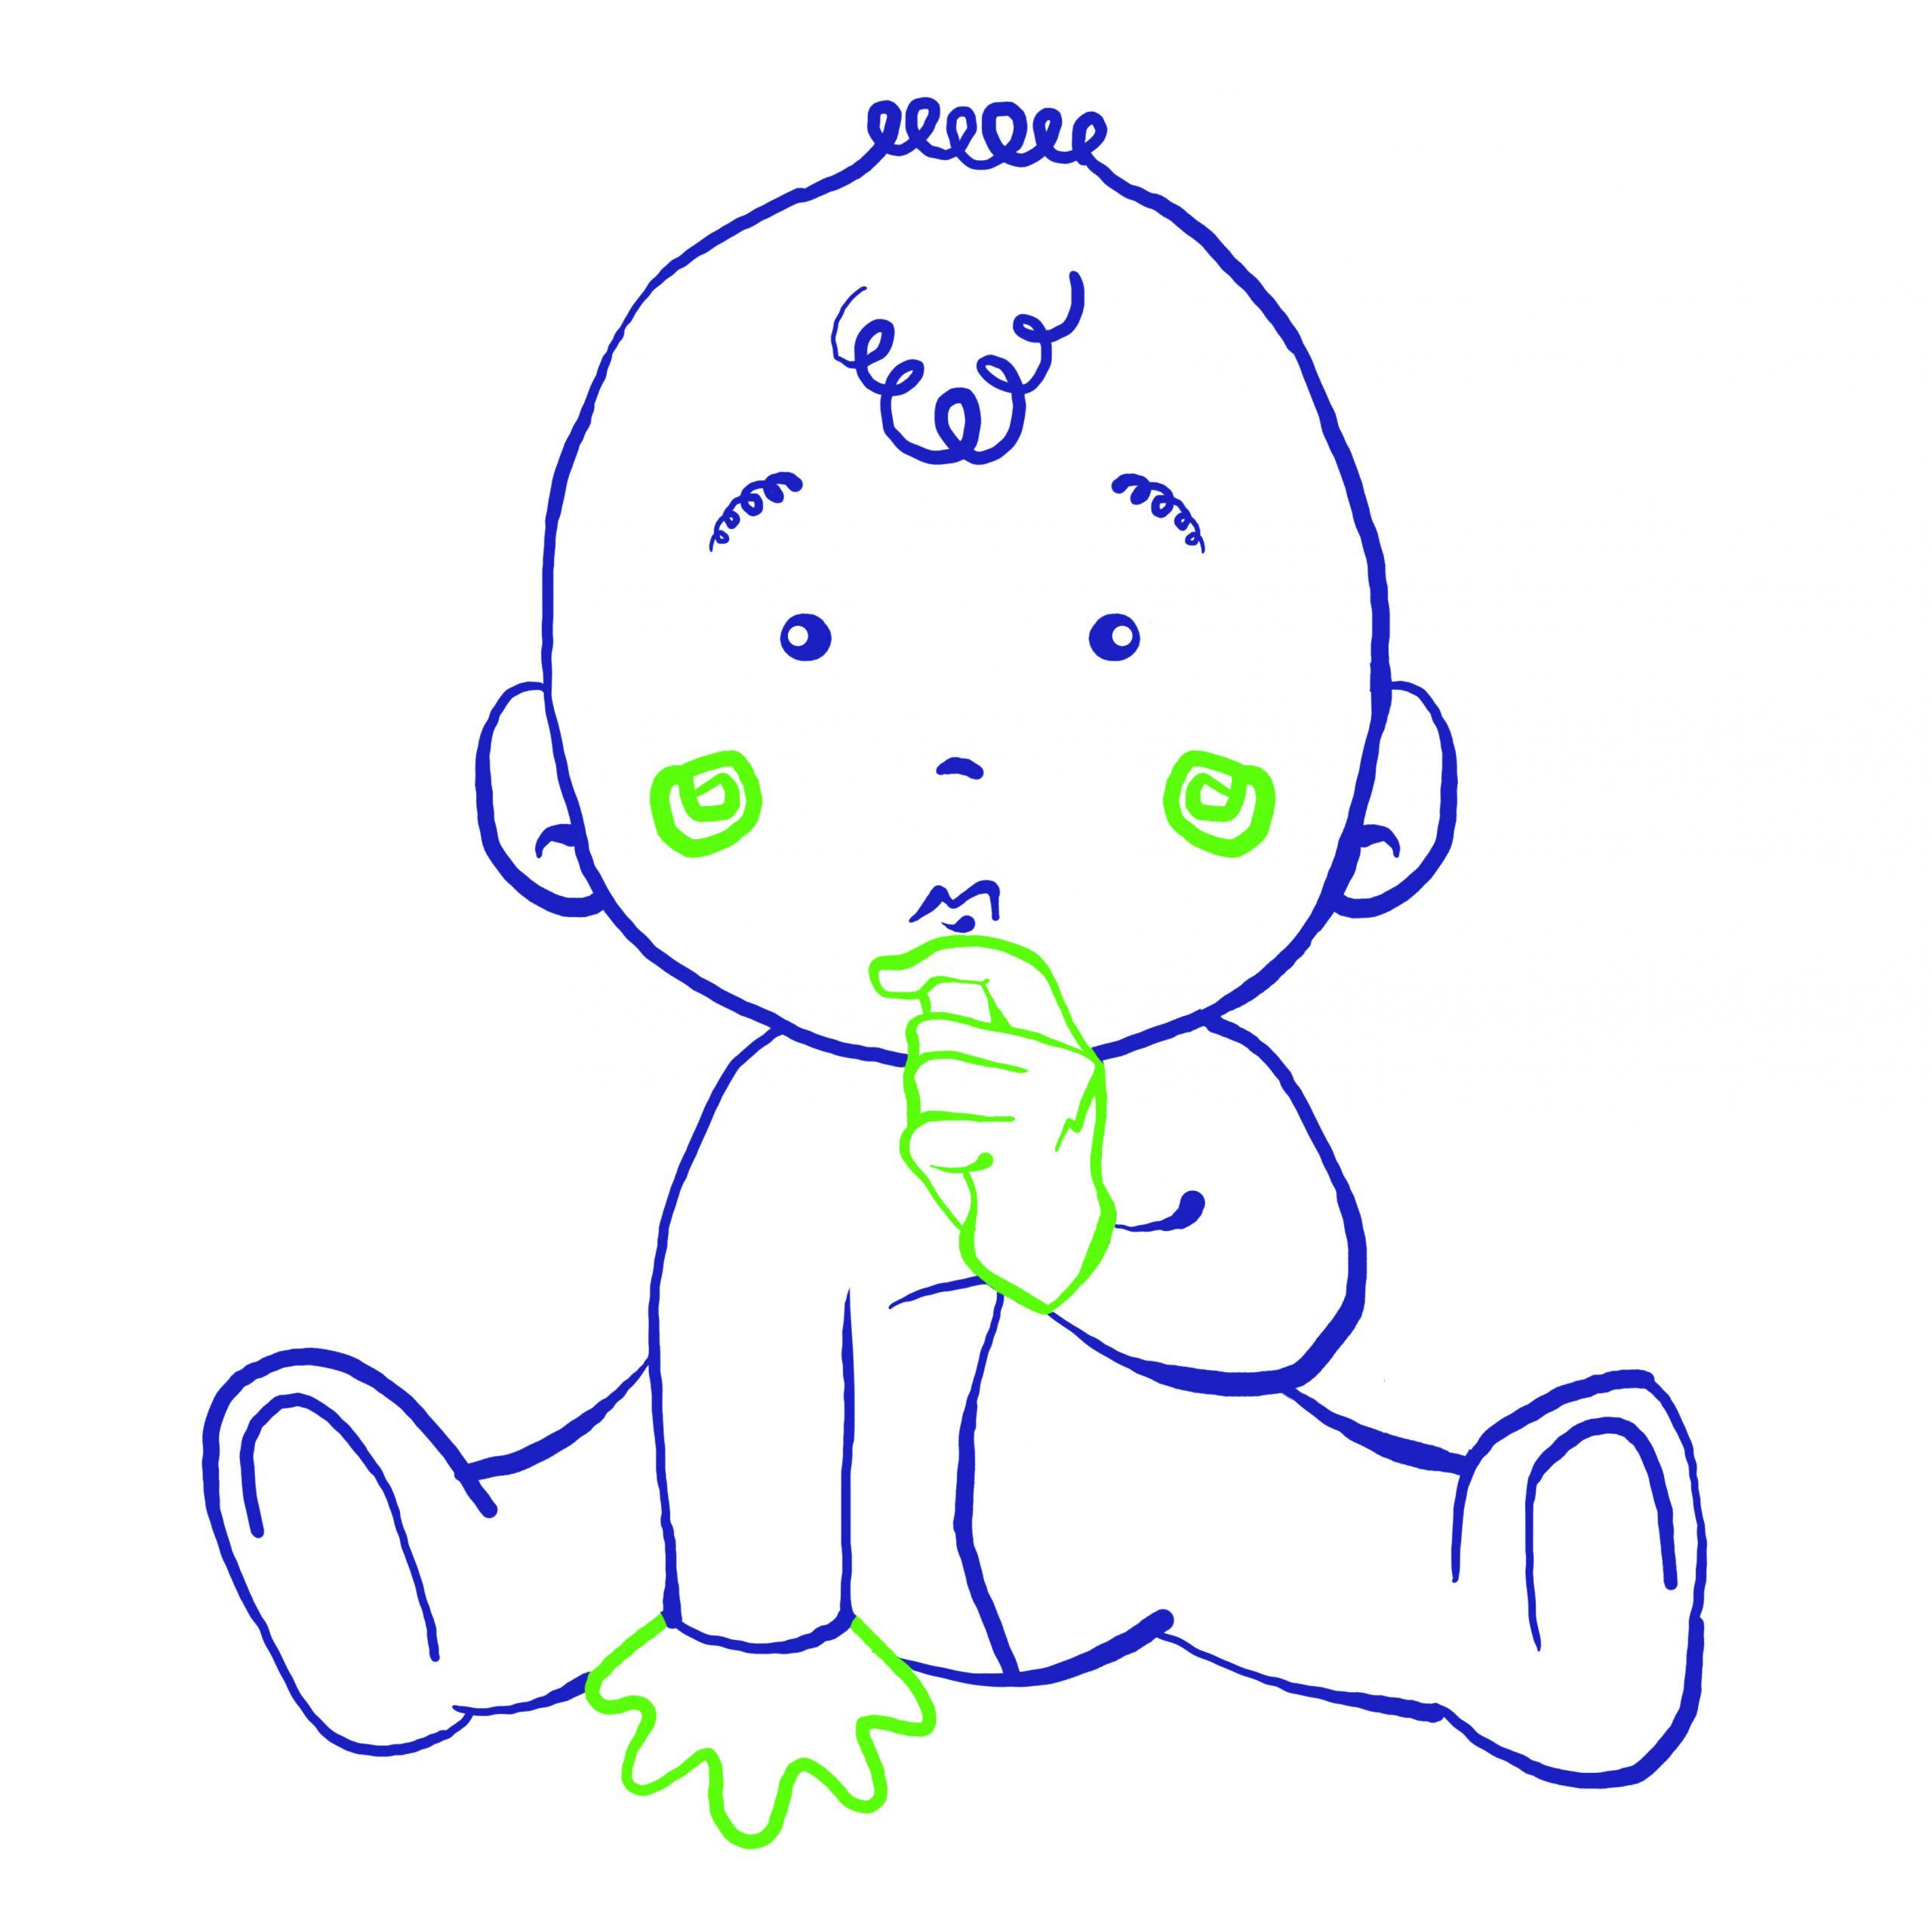 Doudou - Babillages En Signes à Dessin De Doudou